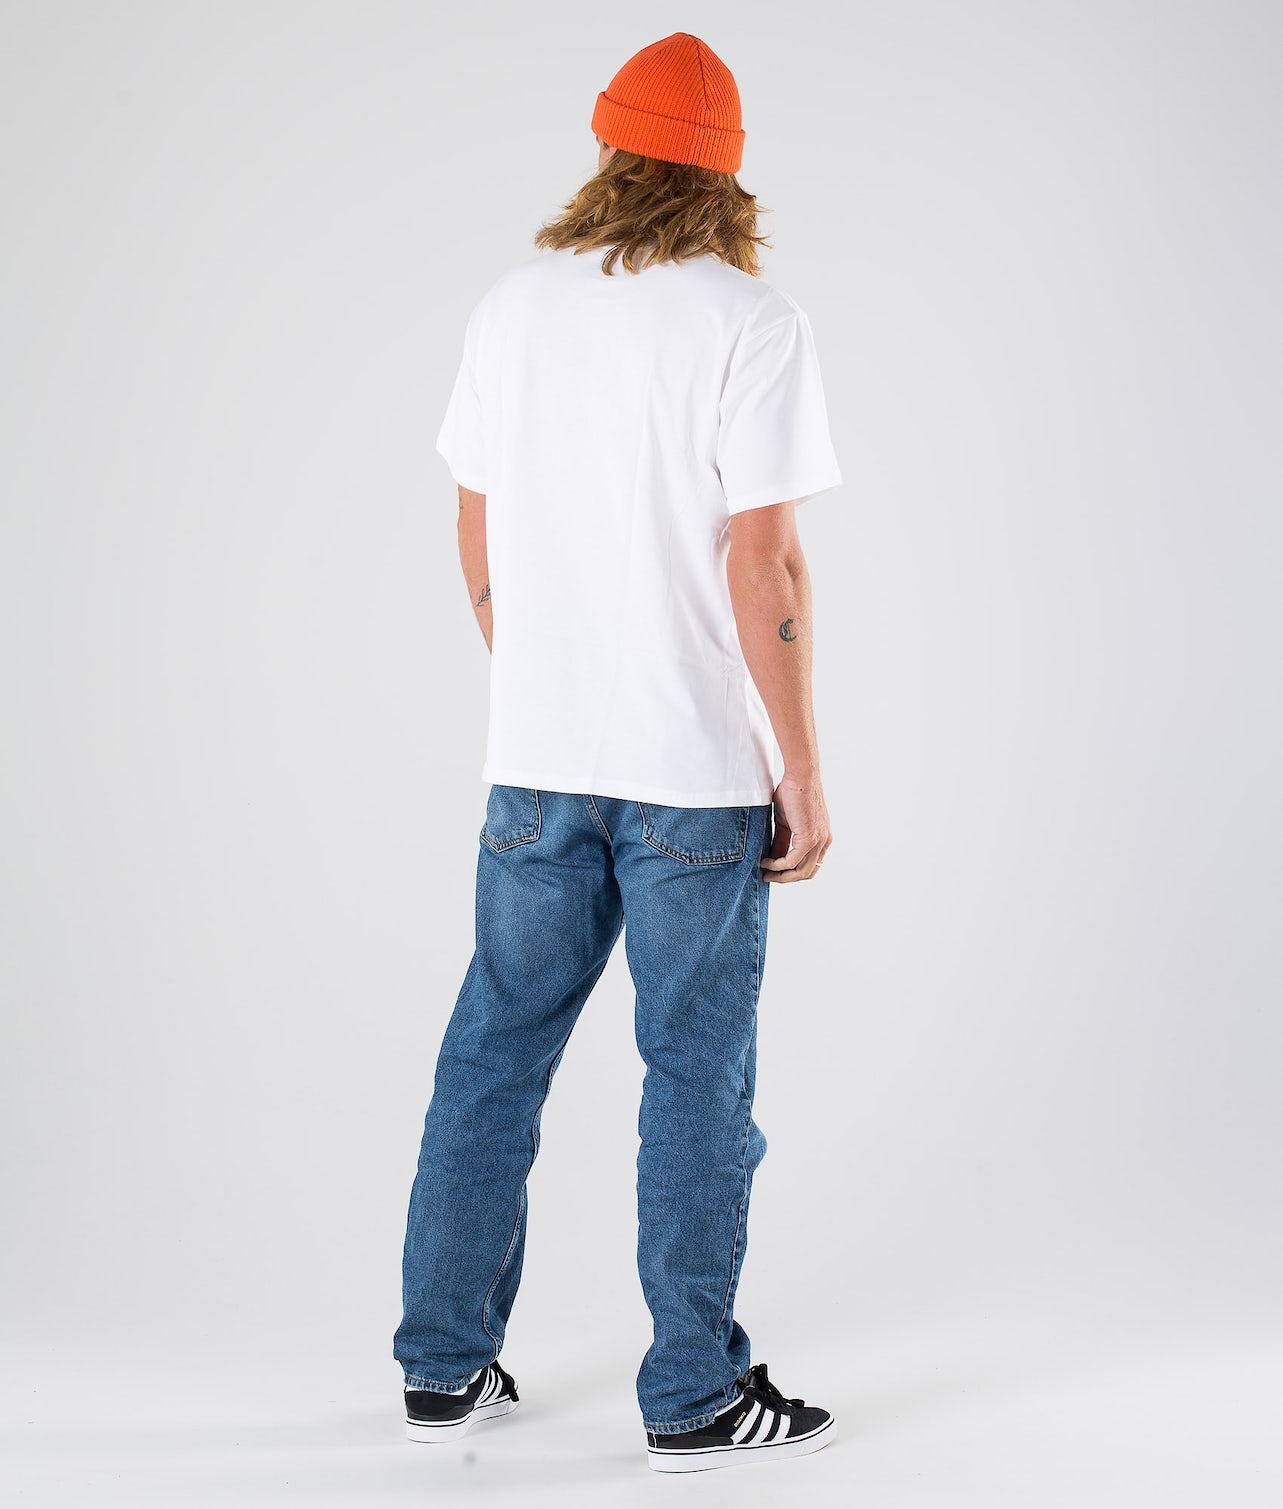 Kjøp BB Print Tee 2 T-shirt fra Adidas Skateboarding på Ridestore.no - Hos oss har du alltid fri frakt, fri retur og 30 dagers åpent kjøp!